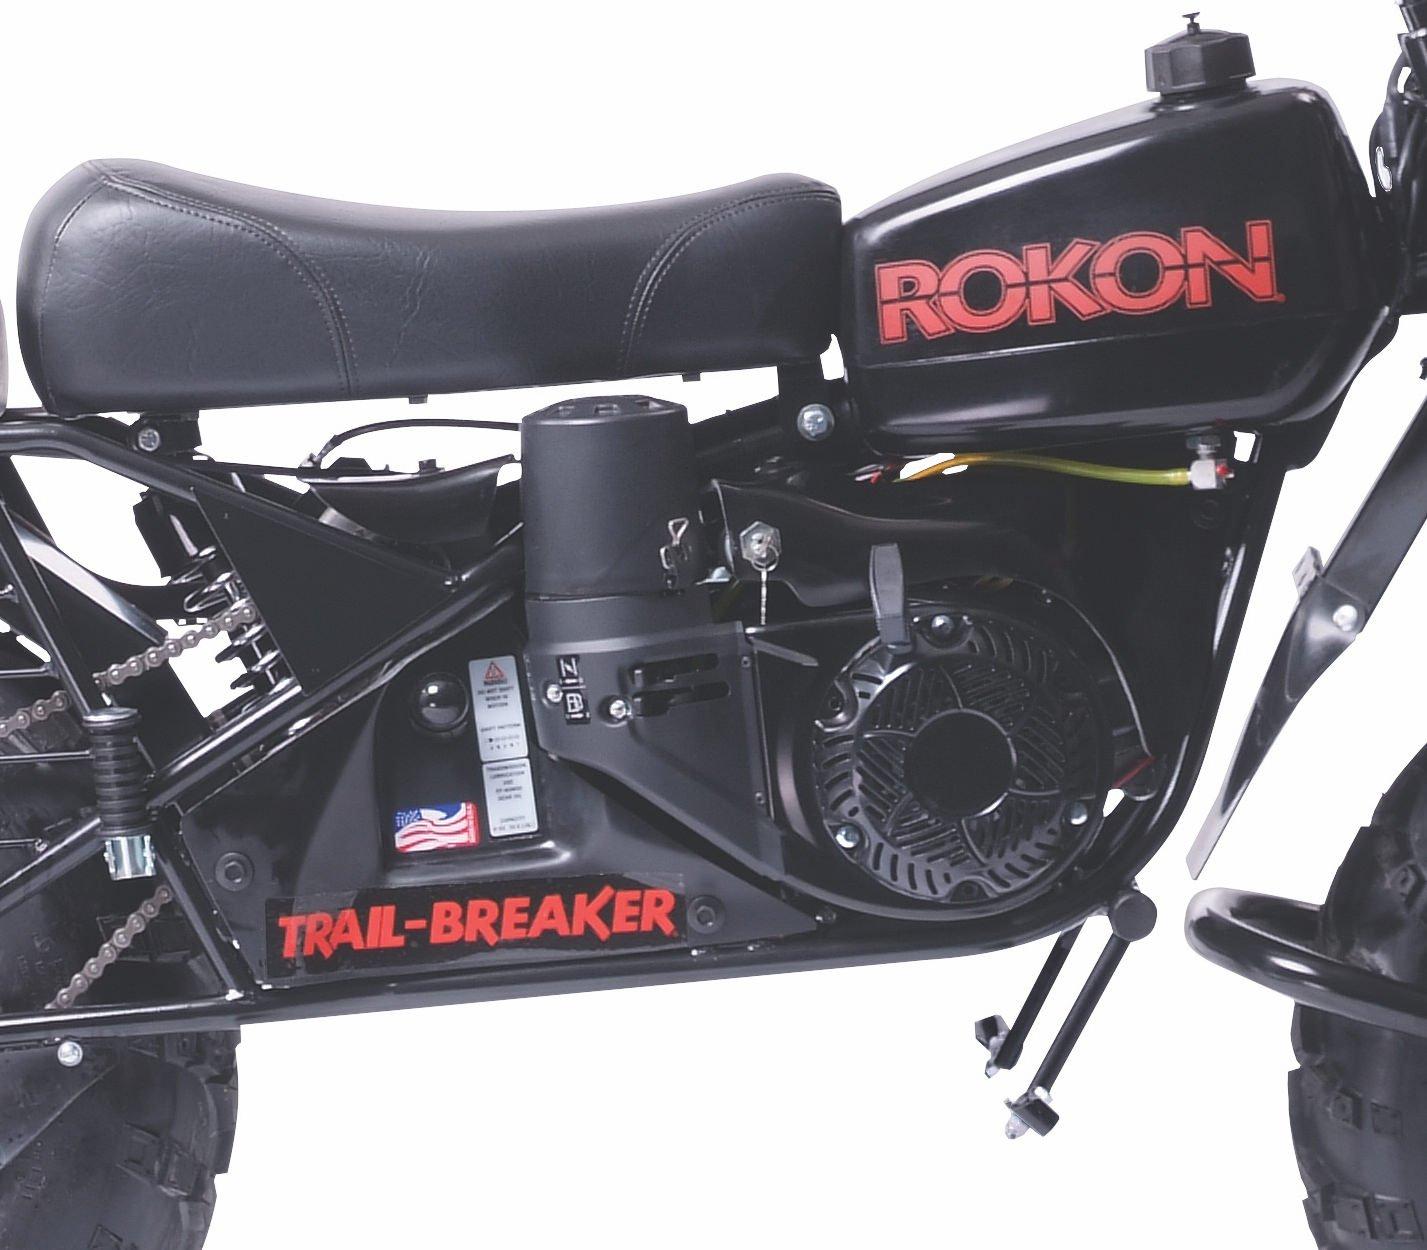 2x2 Rokon Trail Breaker